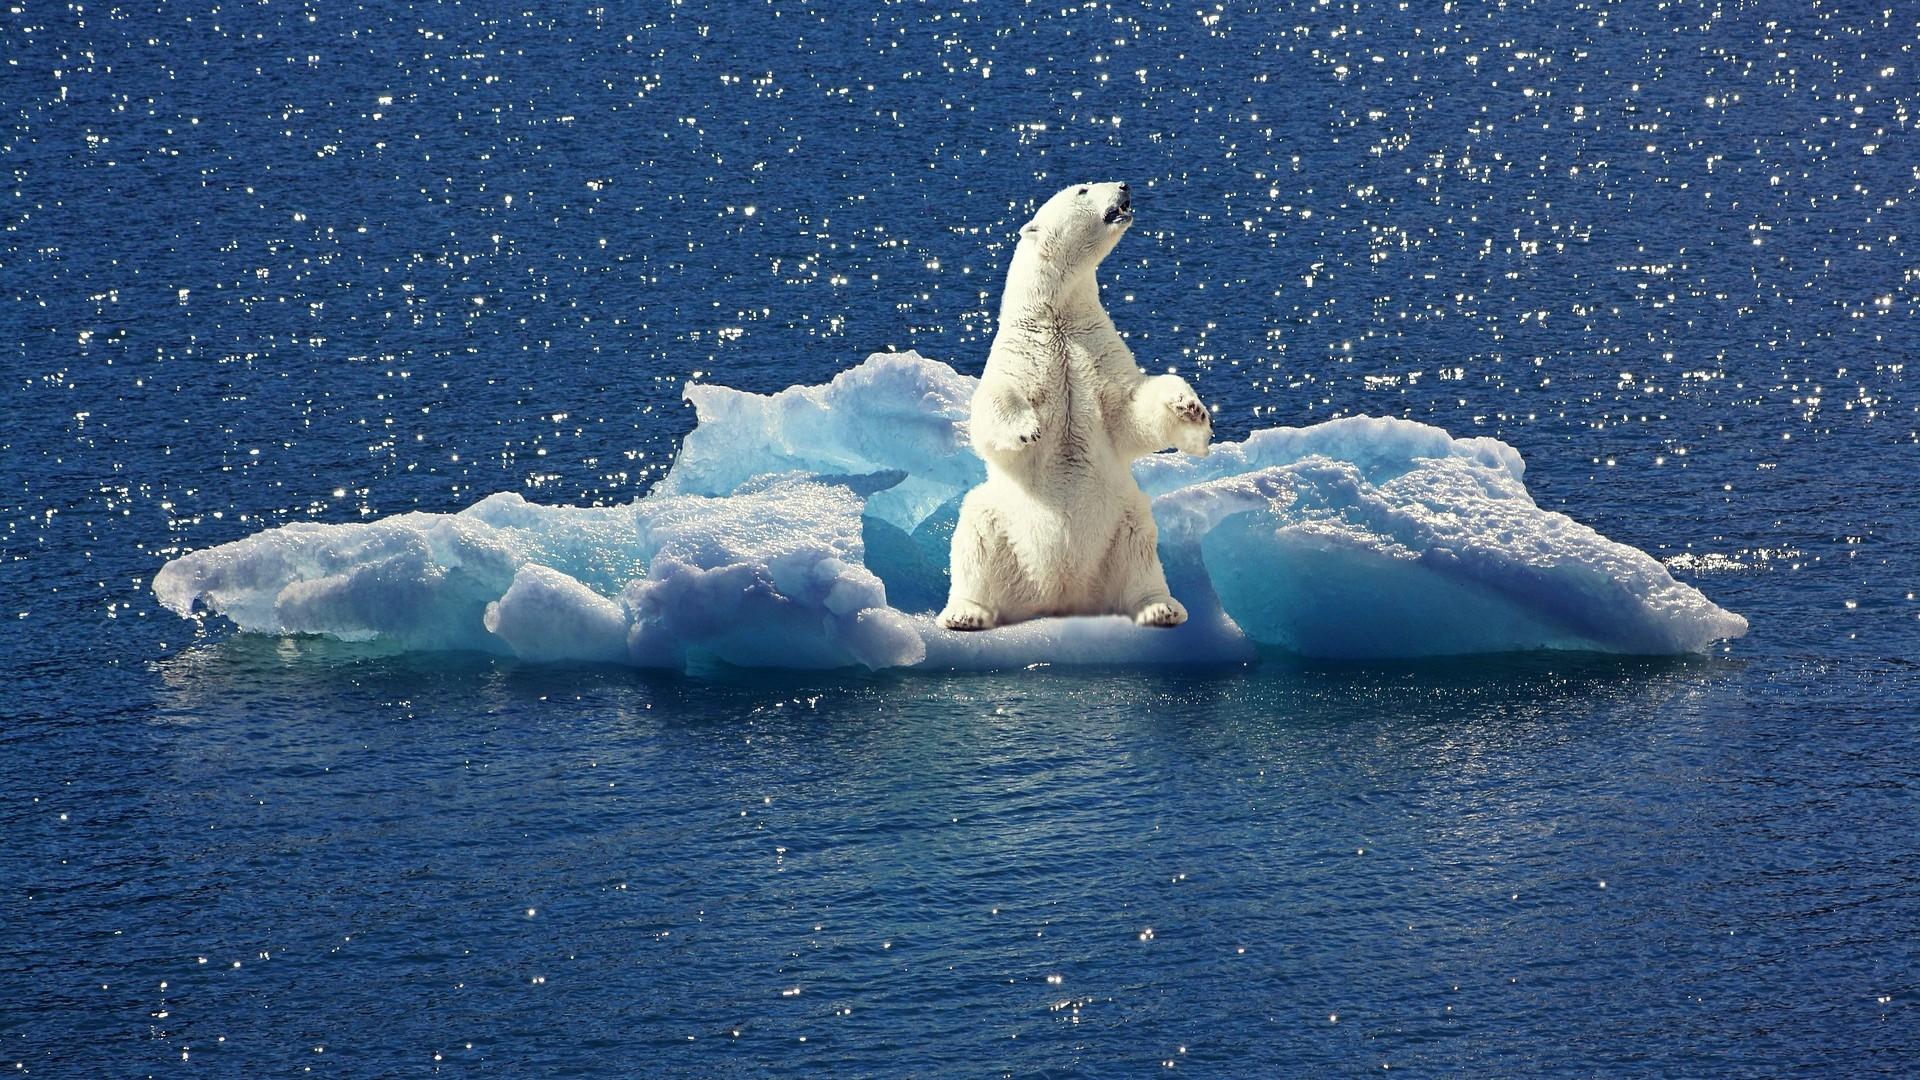 I cambiamenti climatici comportano rischi sempre più gravi per gli ecosistemi, la salute umana e l'economia in Europa